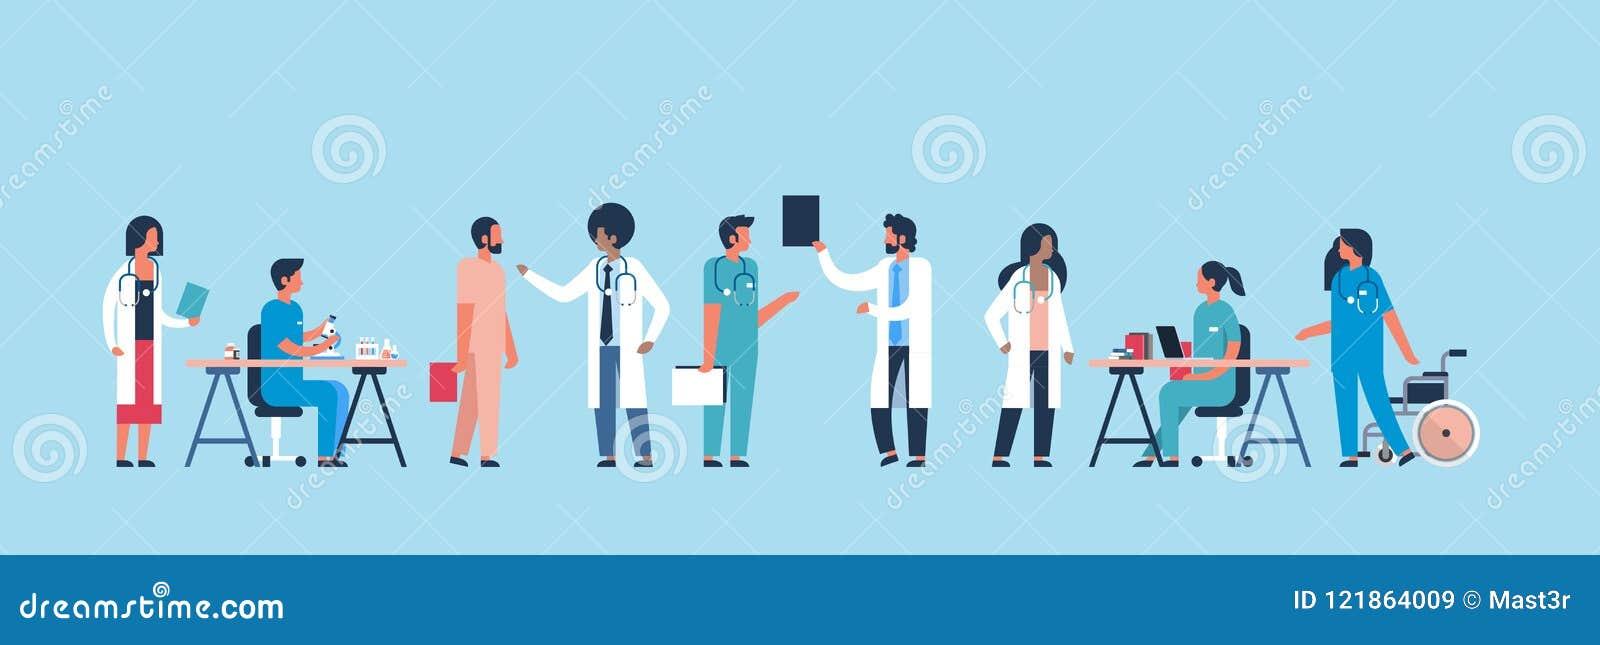 Agrupe uma comunicação do hospital dos doutores que faz a experiências científicas trabalhadores médicos diversos fundo azul band